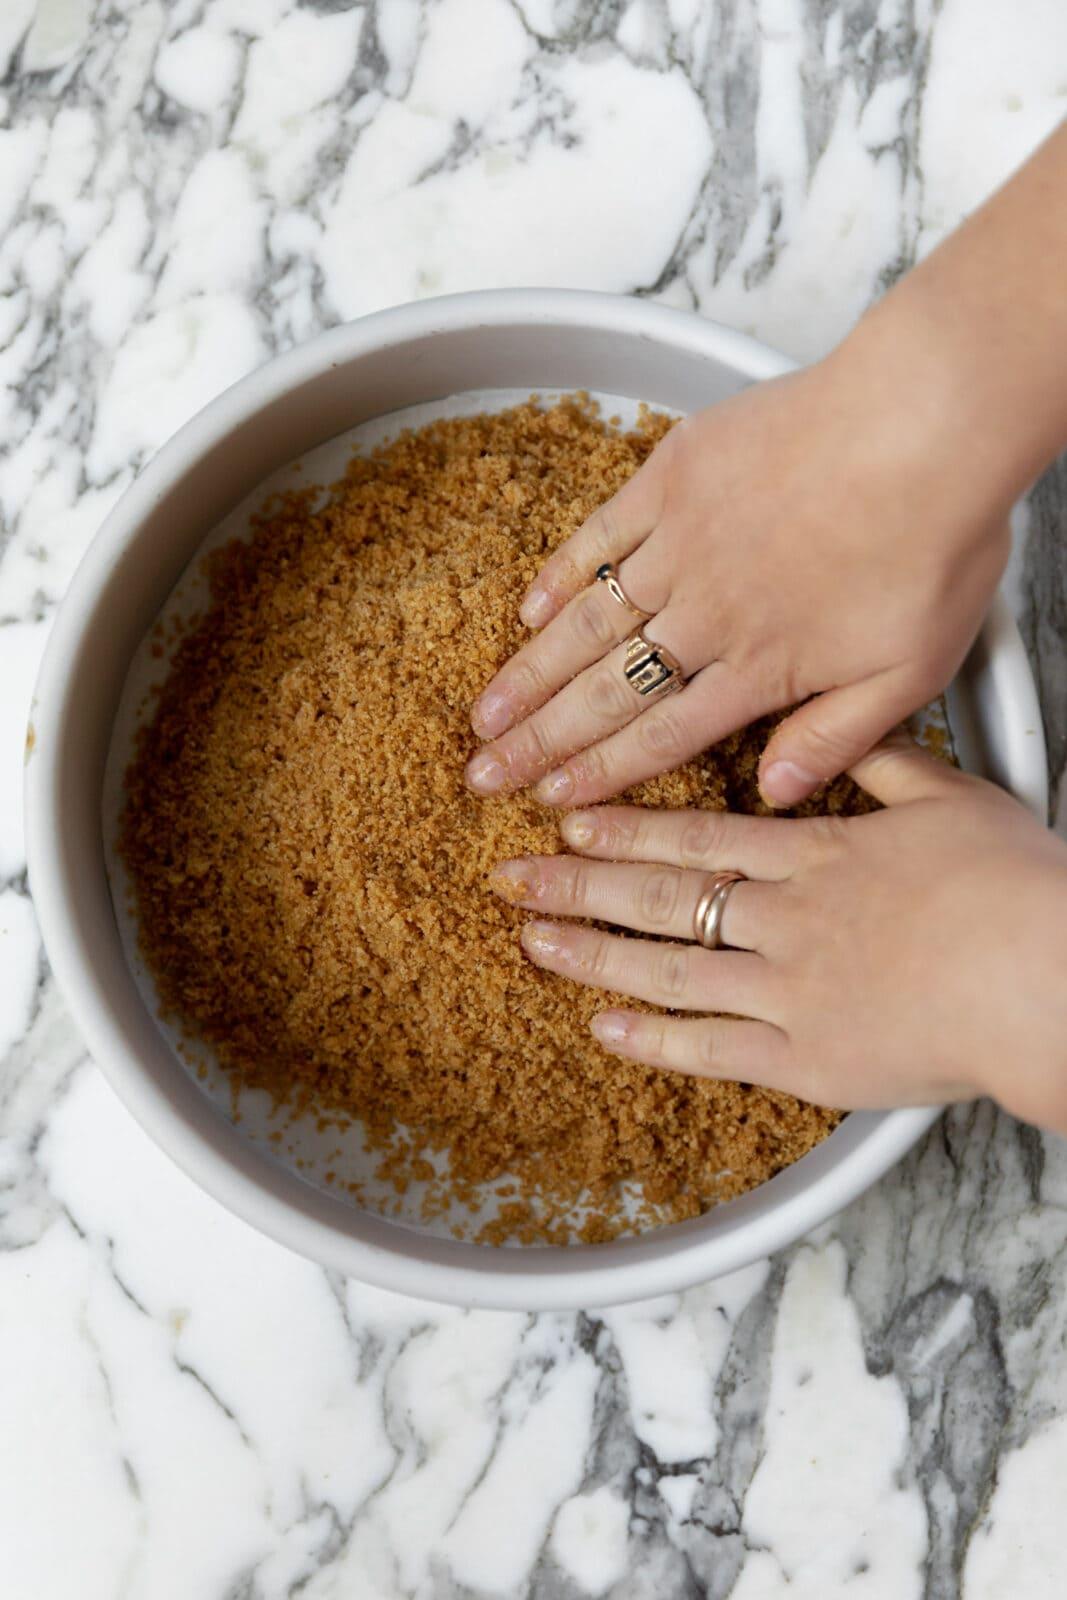 graham cracker kéreg serpenyőbe csomagolása